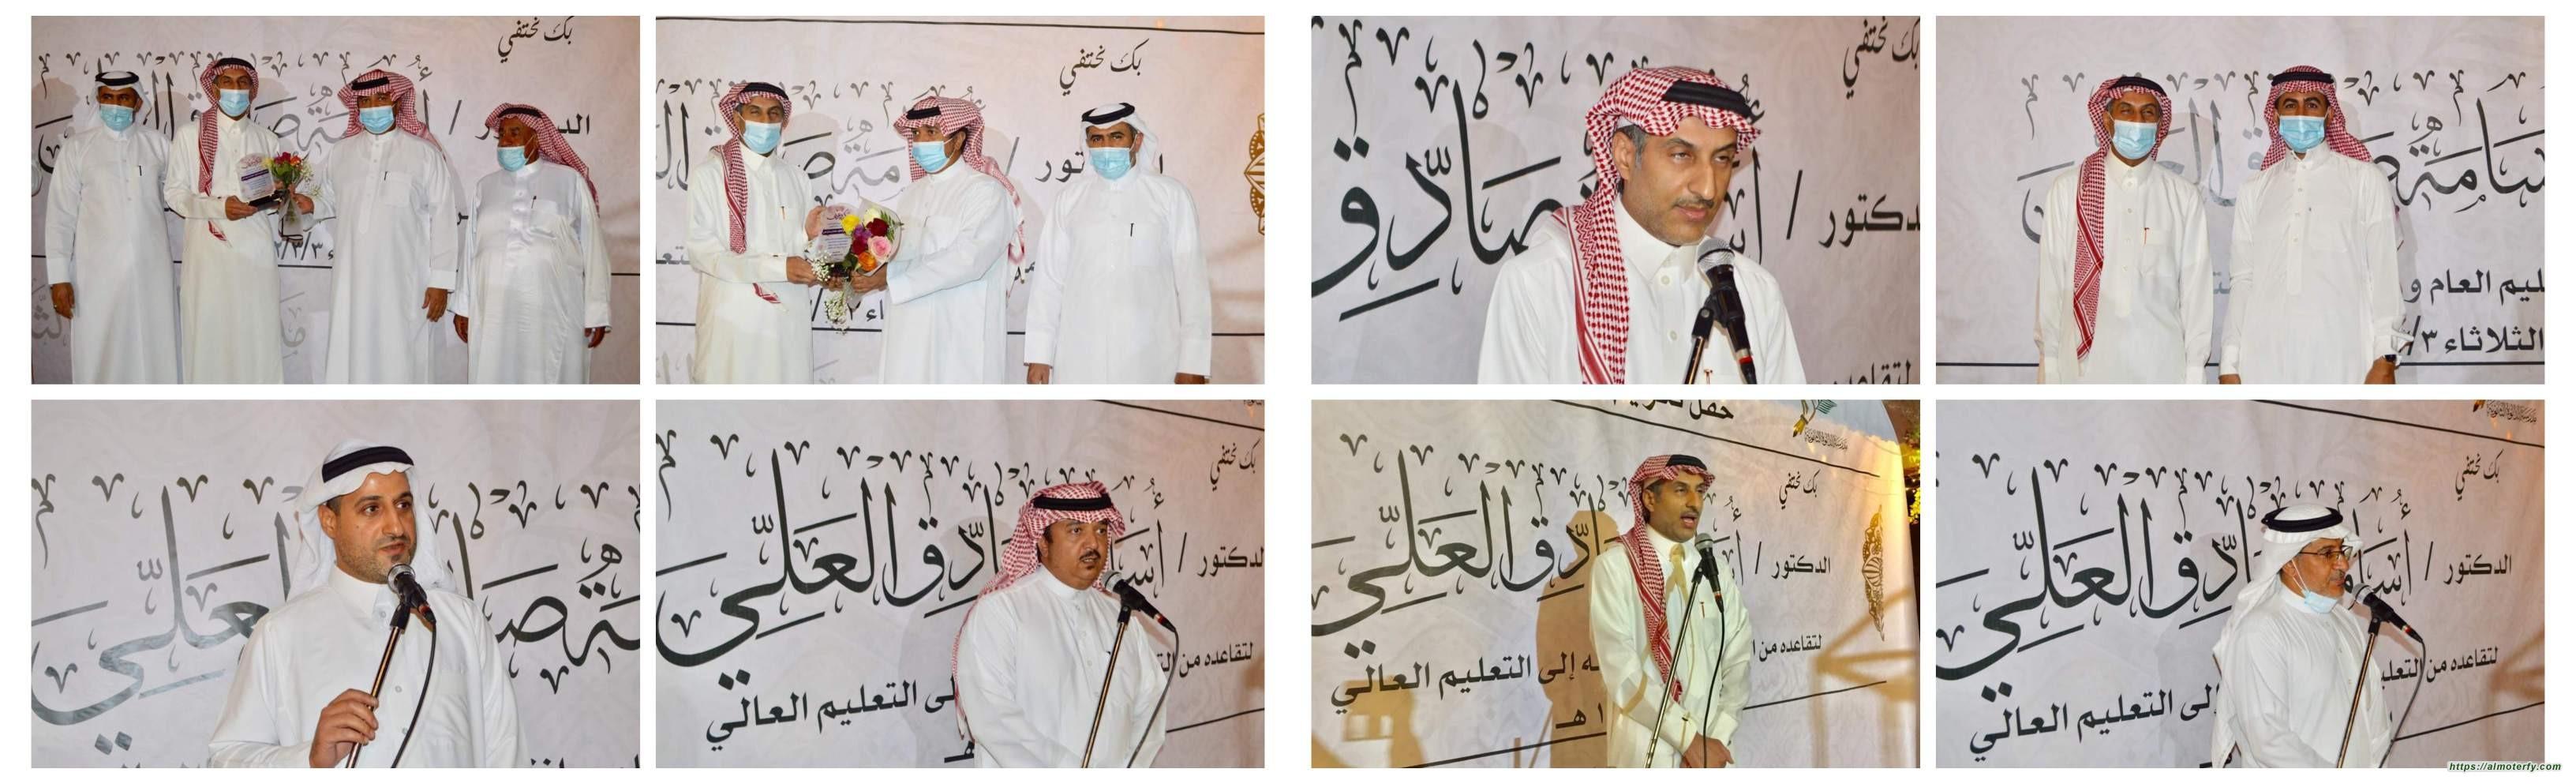 مدرسة الدالوة الثانوية تكرم الدكتور اسامة العلي لتقاعده من التعليم العام والانتقال الى التعليم العالي في الجامعة السعودية الإلكترونية